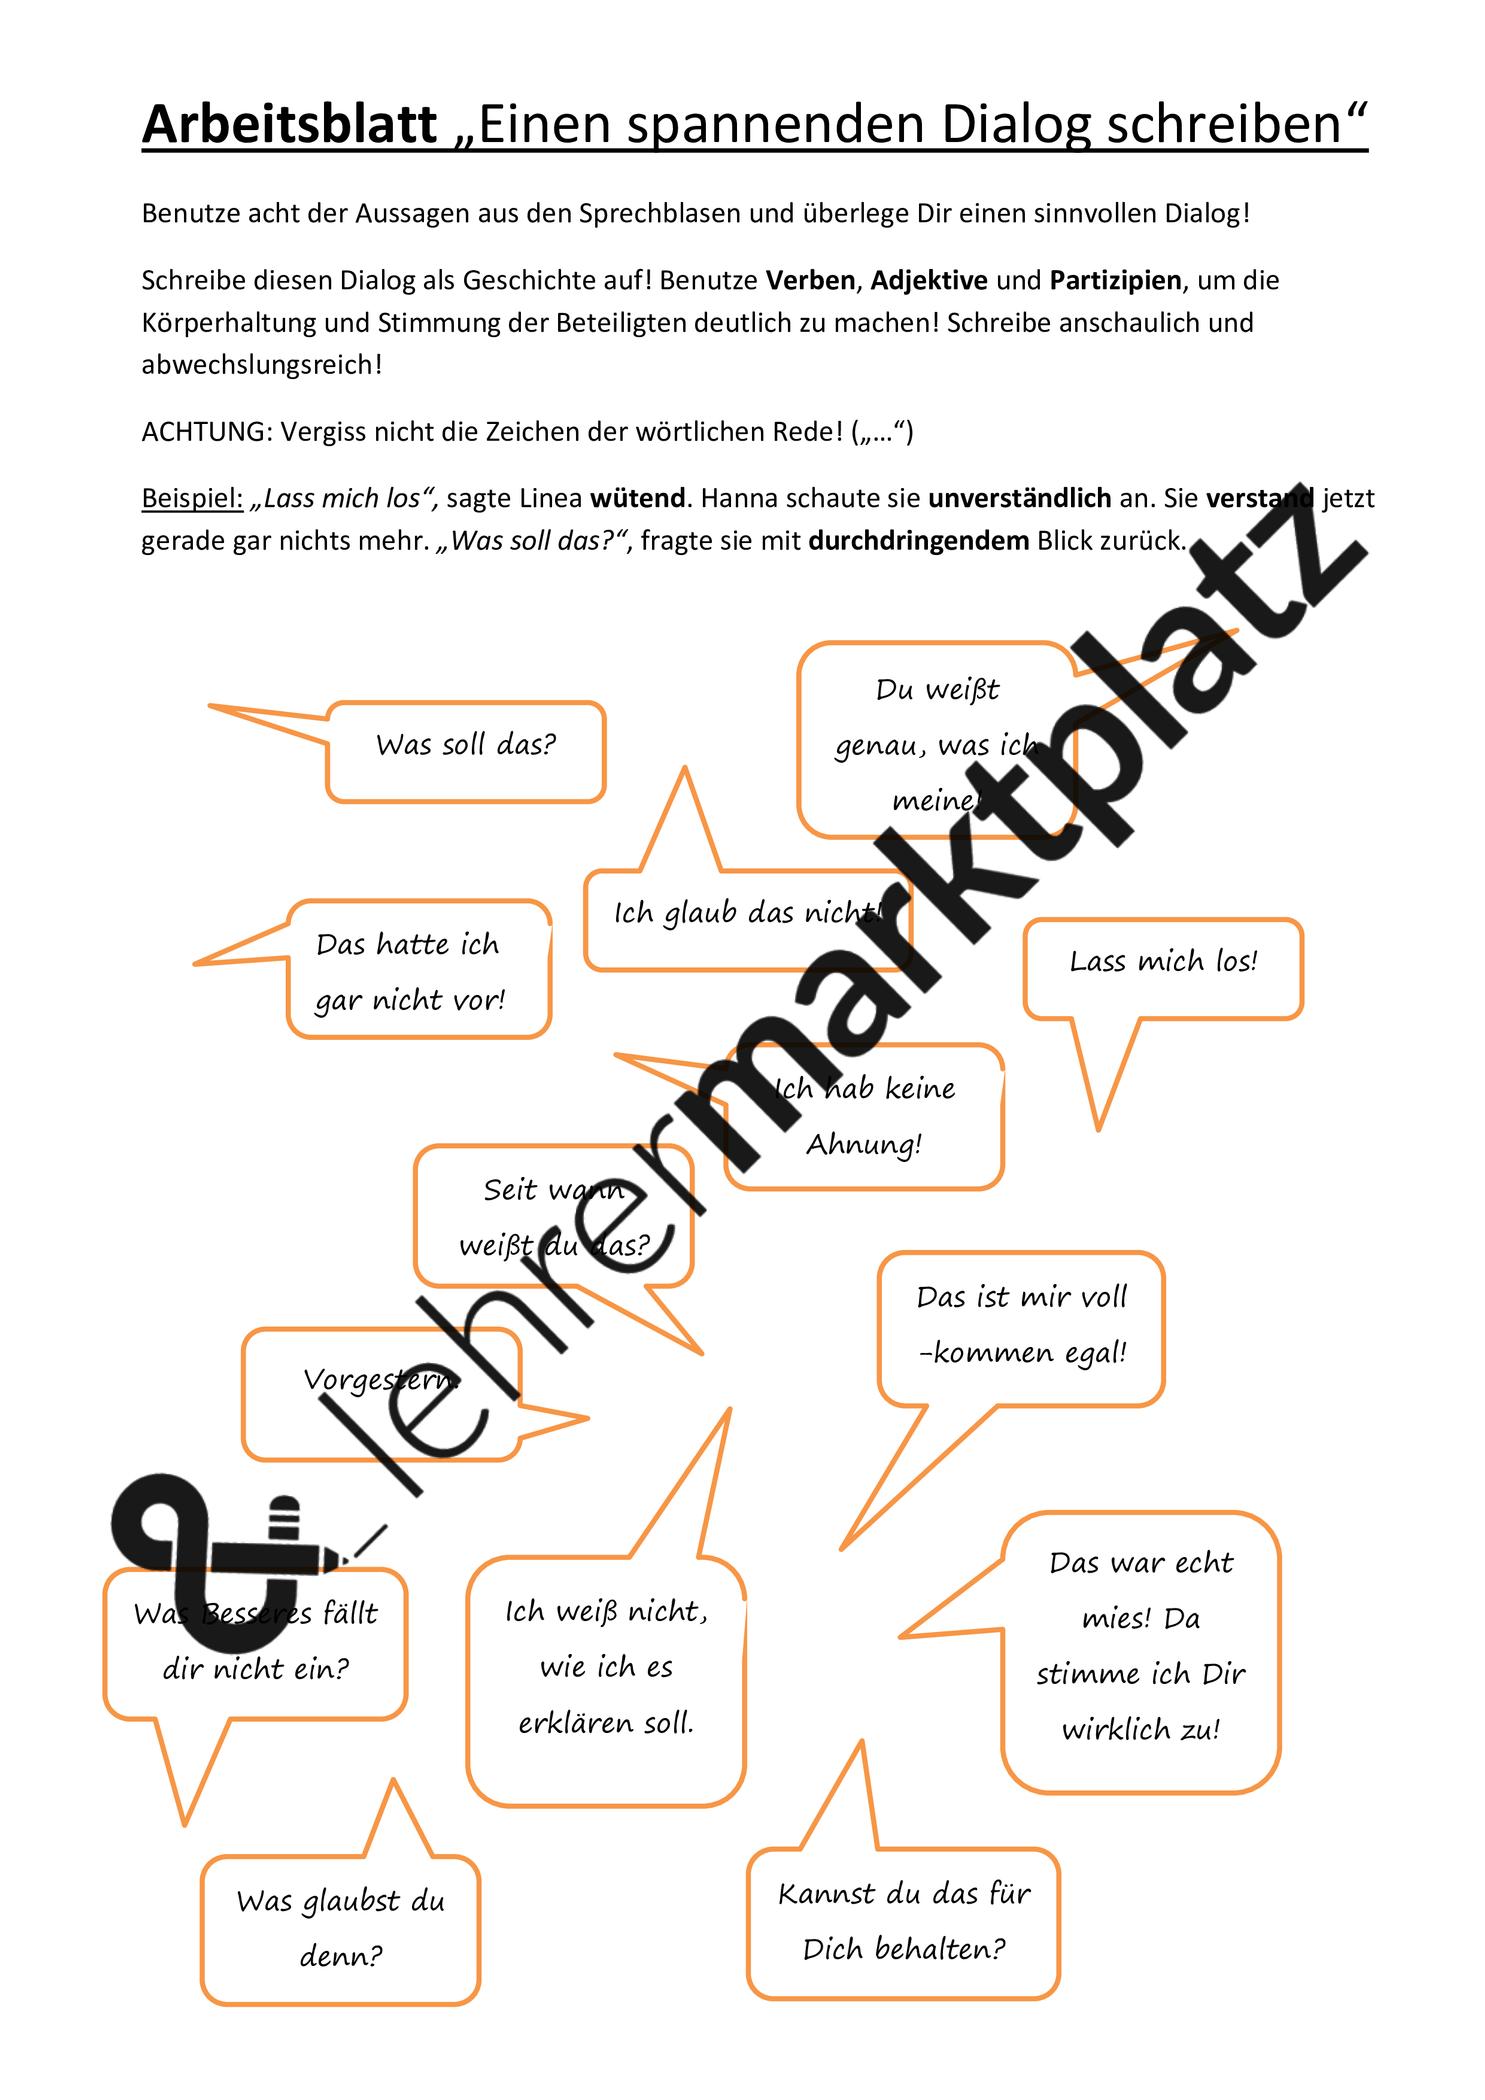 Arbeitsblatt Einen Spannenden Dialog Schreiben Unterrichtsmaterial Im Fach Deutsch In 2020 Arbeitsblatter Deutsch Unterricht Adjektive